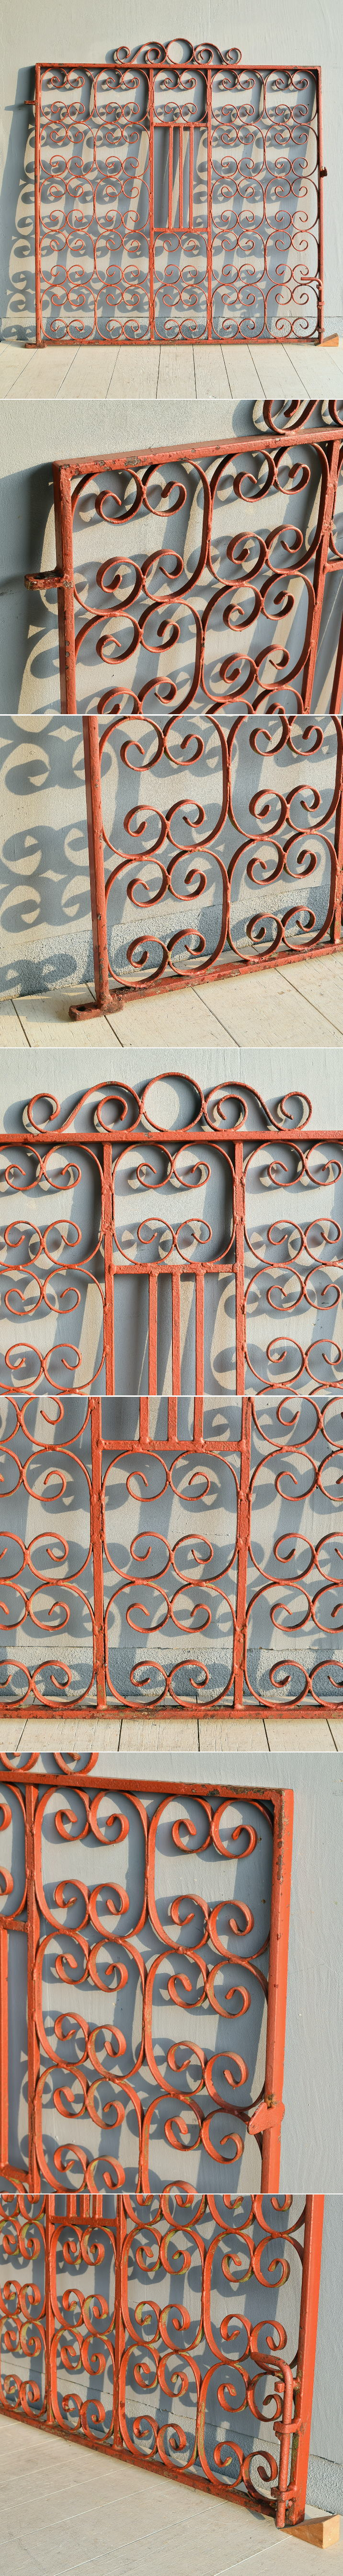 イギリス アンティーク アイアンフェンス ゲート柵 ガーデニング 7849